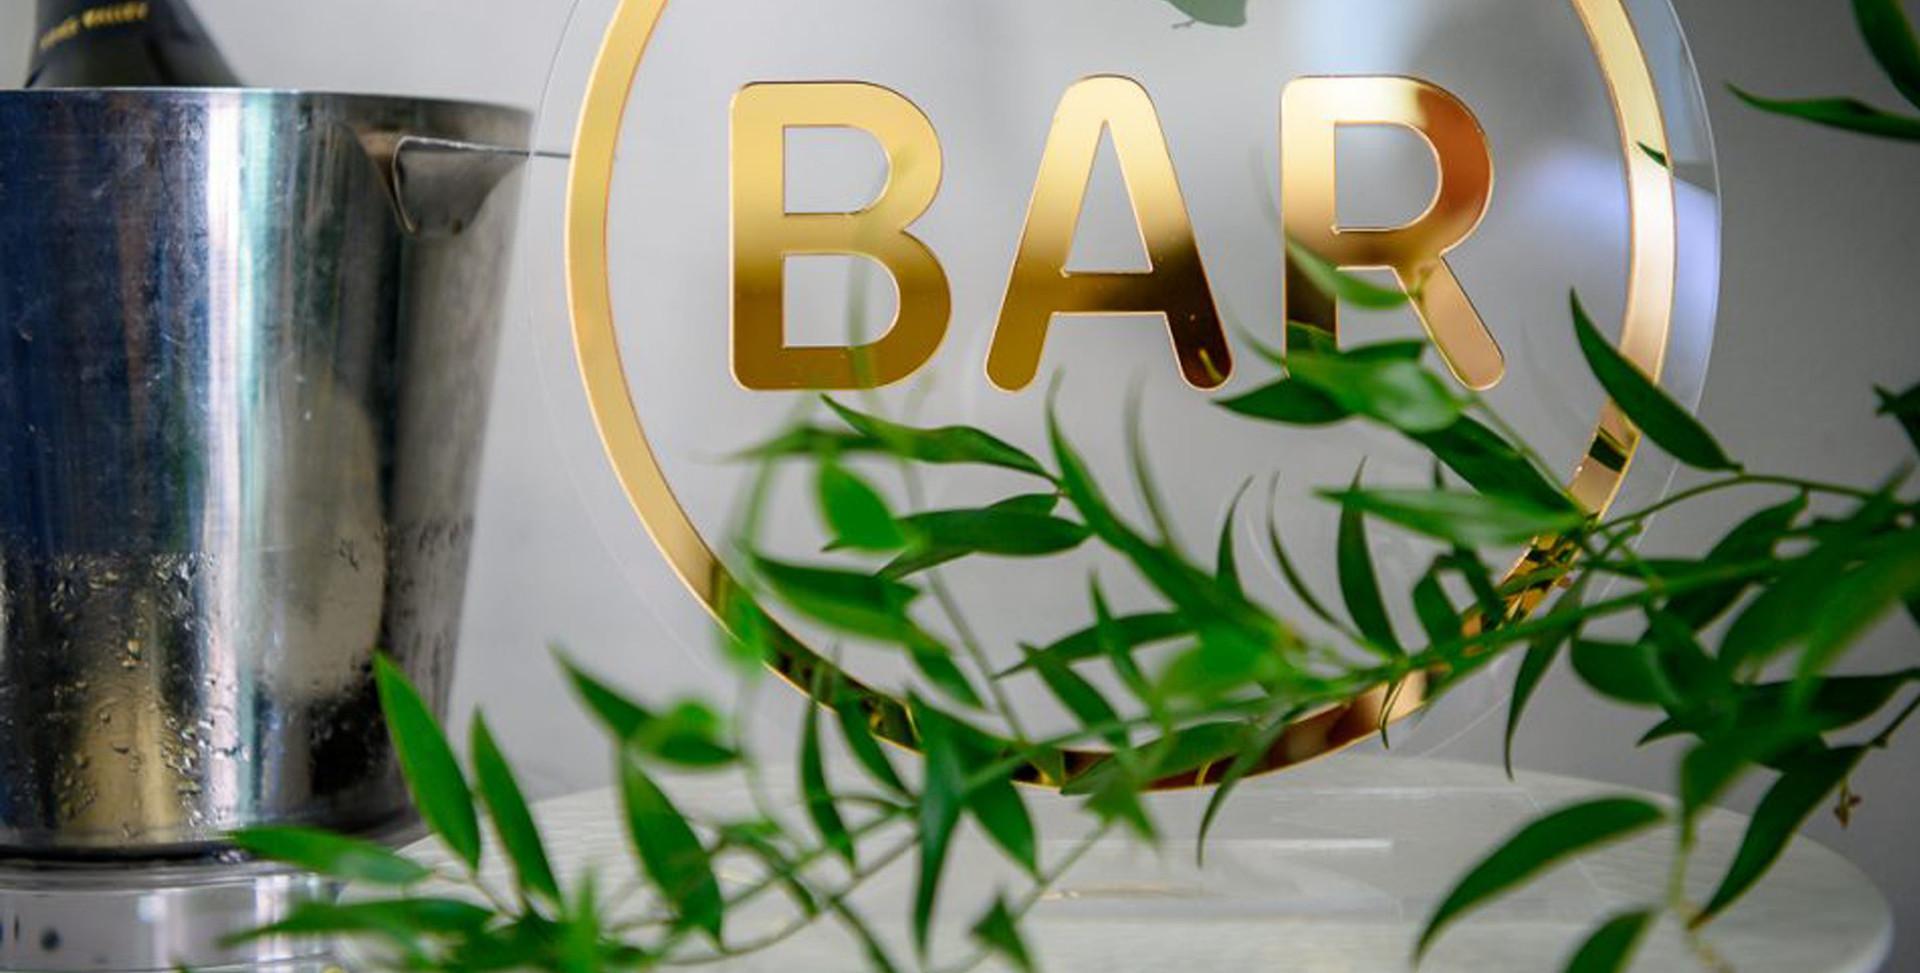 Round Bar Sign